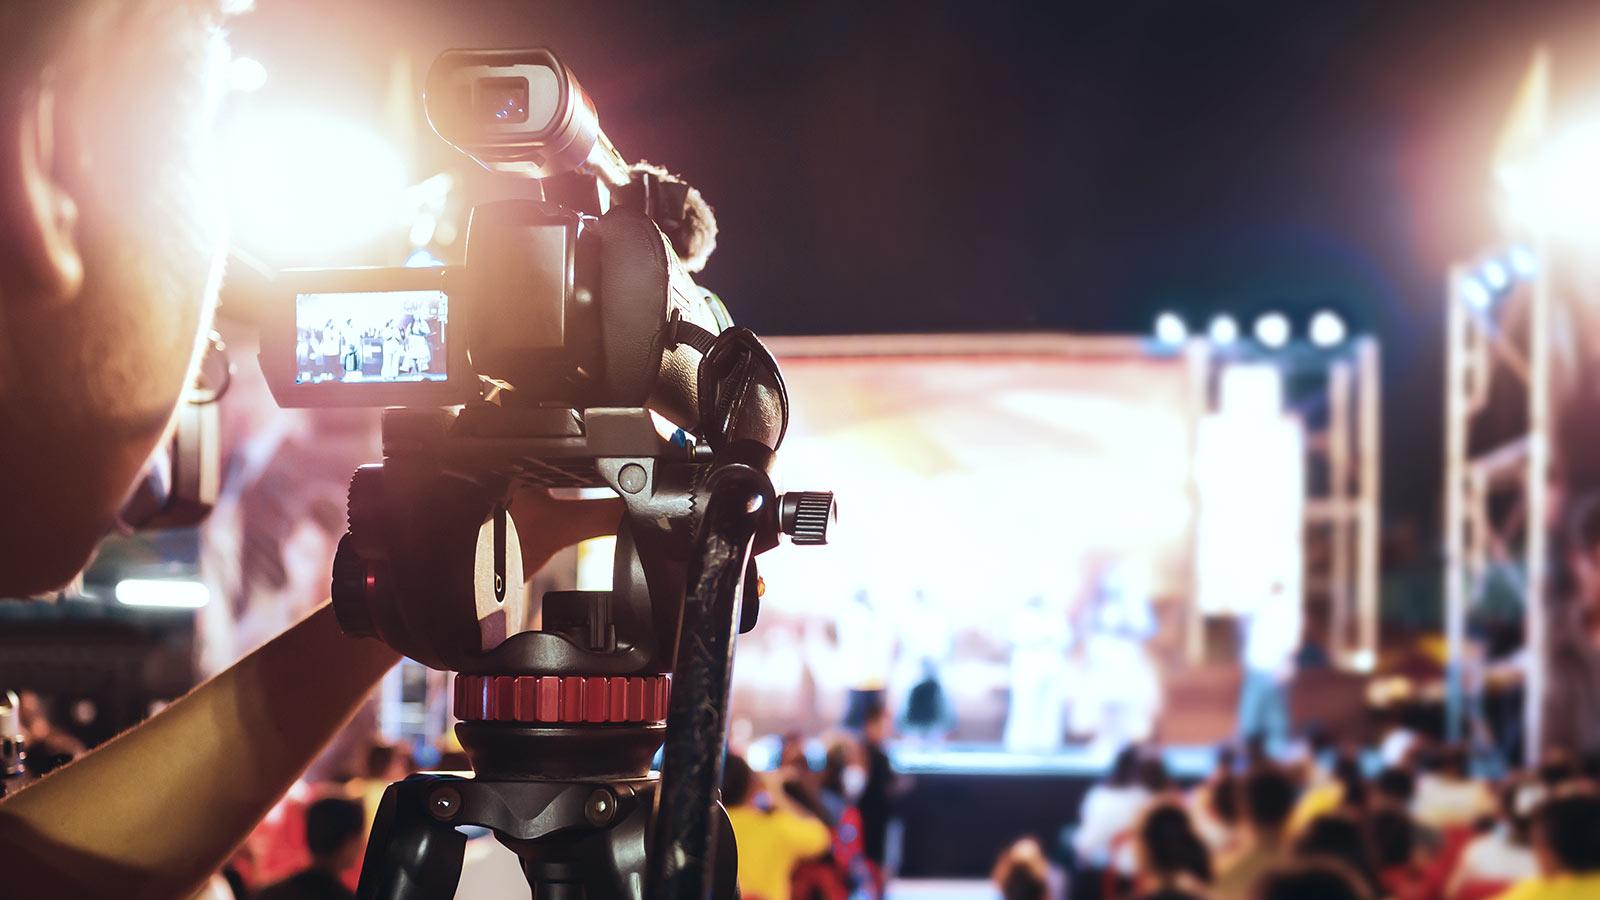 blog realizar cobertura de eventos 1a dumela - Por que devo realizar a cobertura de eventos com vídeos?